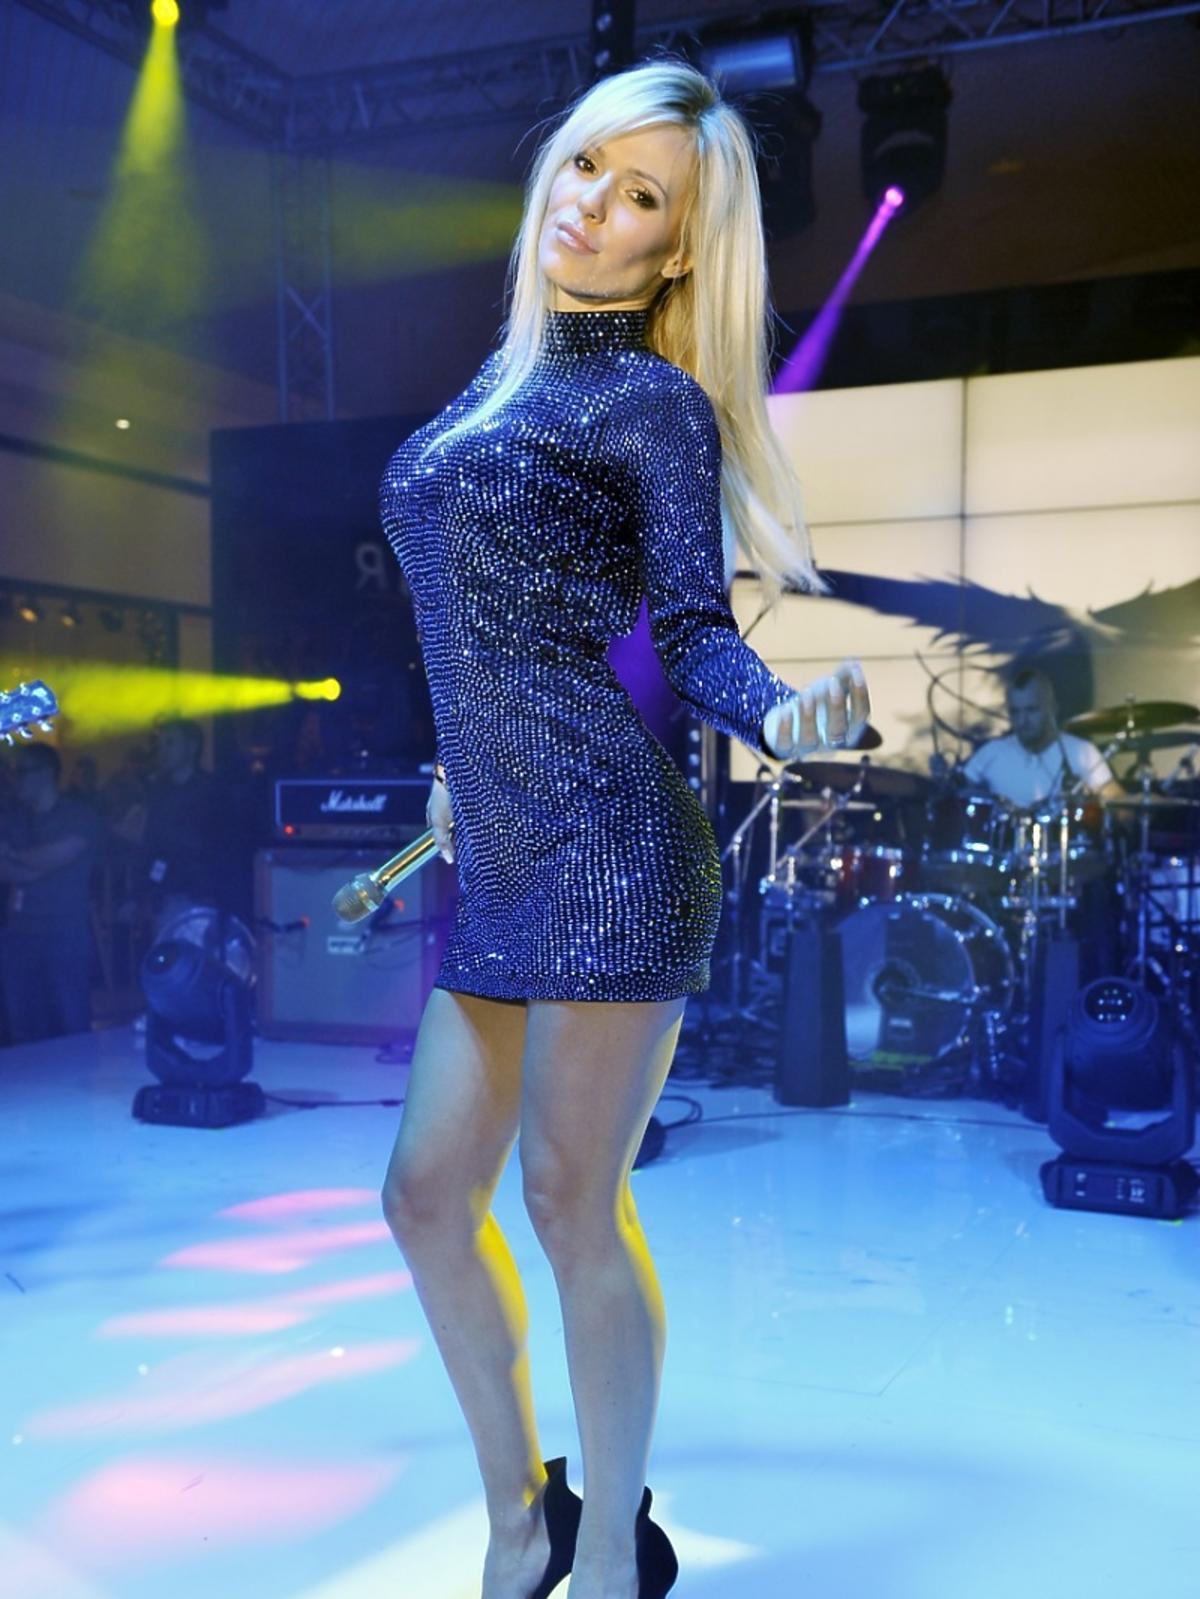 Doda w cekinowej sukience na koncert w Centrum handlowym Plejada